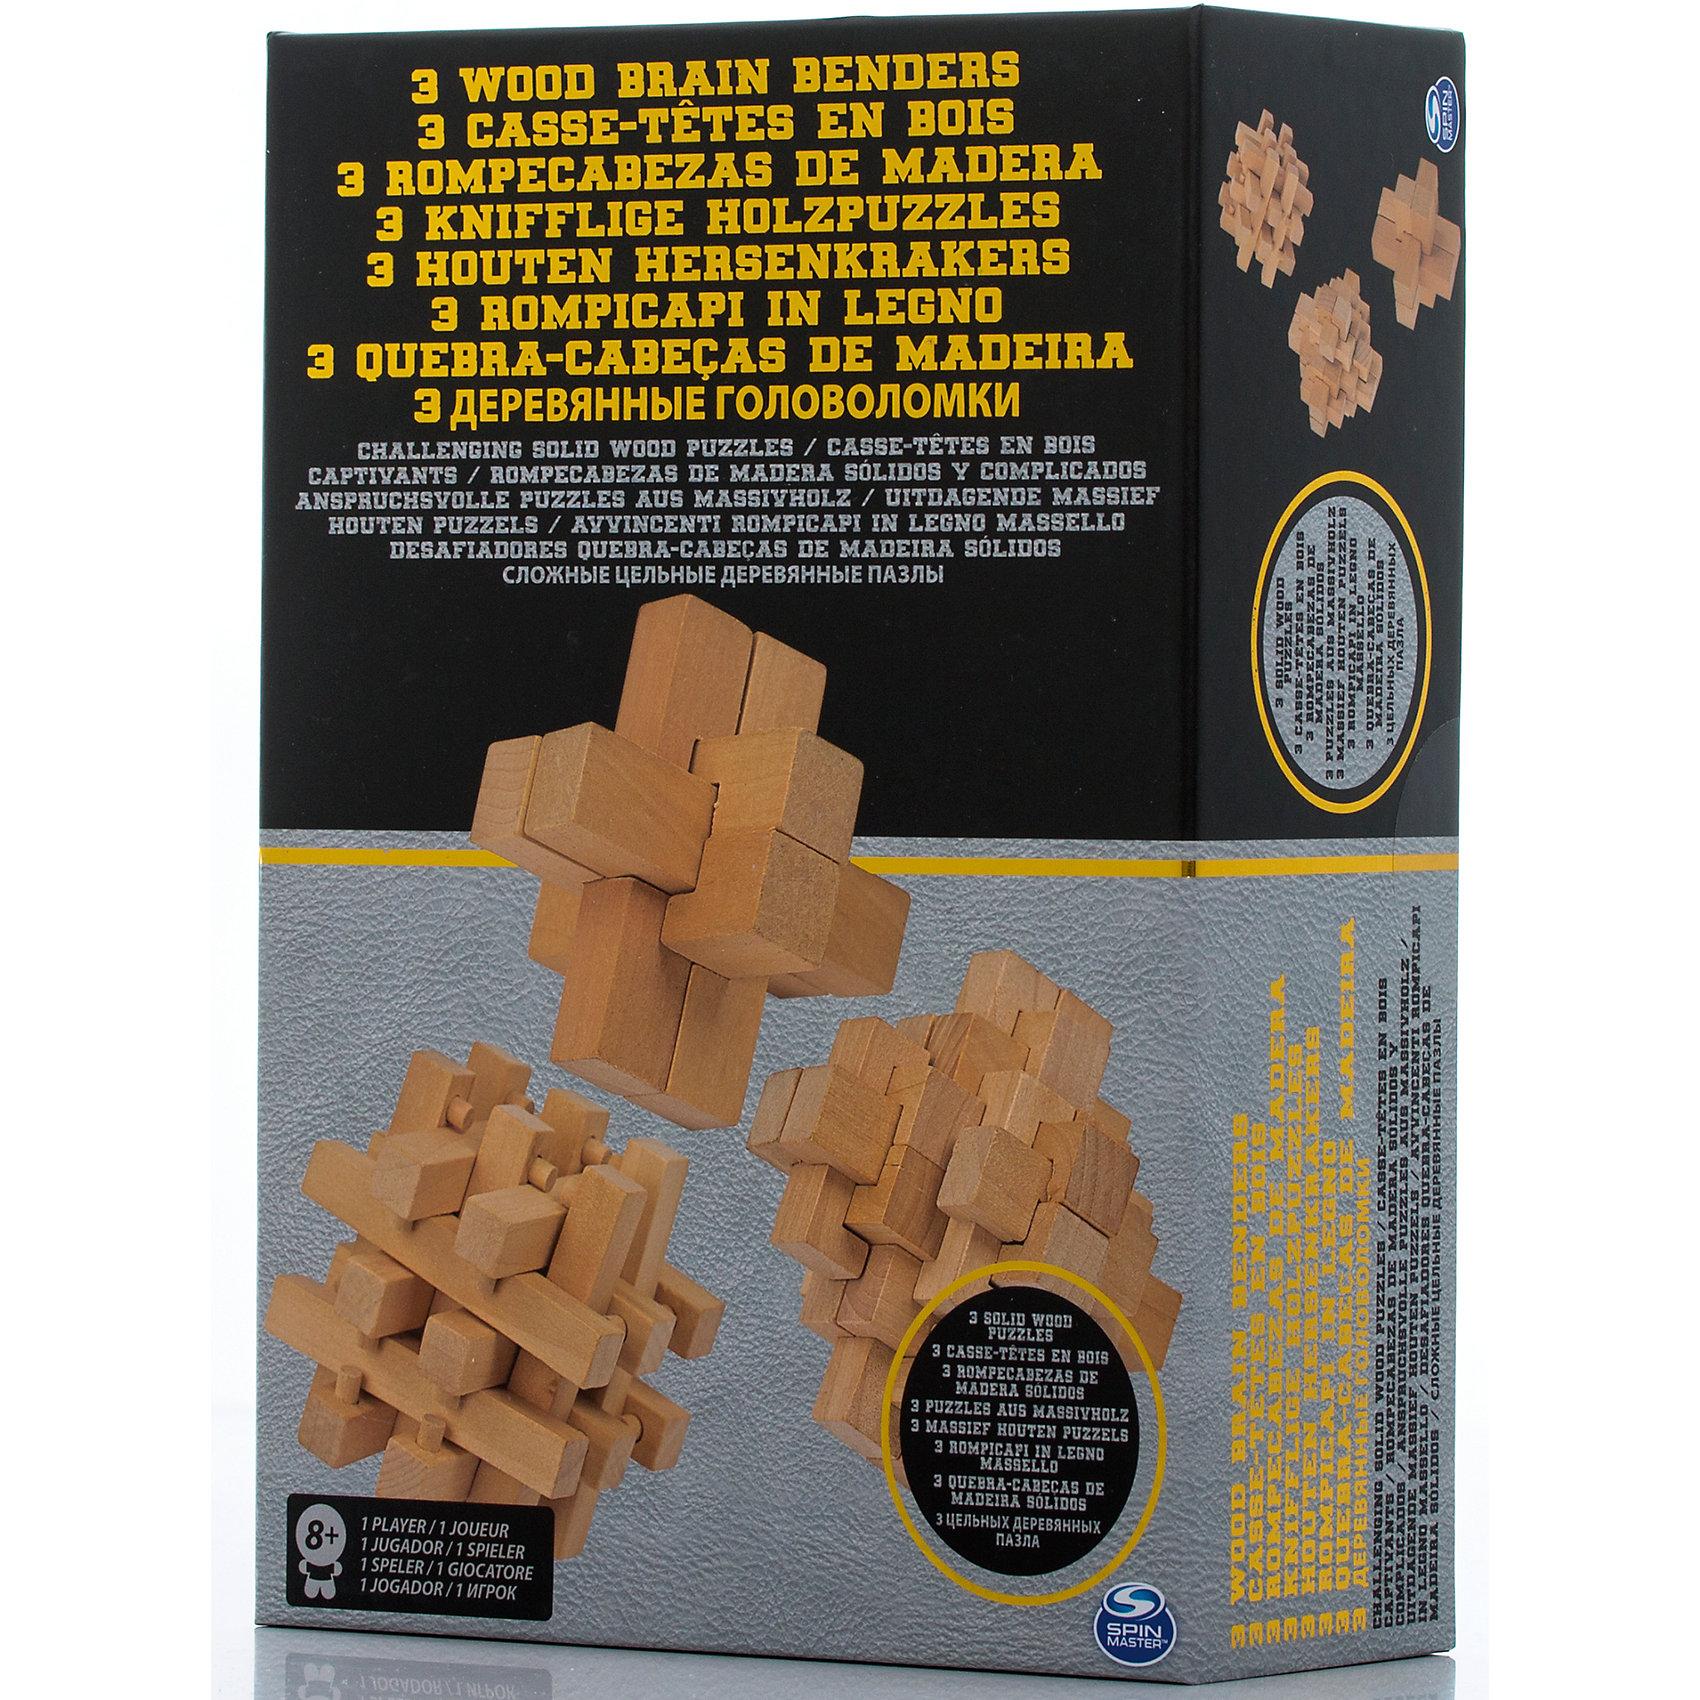 Набор головоломок 3 штуки, Spin MasterДеревянные головоломки<br>Характеристики товара:<br><br>• возраст от 8 лет;<br>• материал: дерево;<br>• в комплекте: 3 головоломки;<br>• размер упаковки 28х19х9 см;<br>• страна производитель: Китай.<br><br>Набор головоломок Spin Master включает в себя деревянные детали, из которых нужно собрать необходимую фигуру. В наборе сразу 3 разные головоломки. Игра развивает логическое мышление, смекалку и сообразительность.<br><br>Набор головоломок Spin Master можно приобрести в нашем интернет-магазине.<br><br>Ширина мм: 190<br>Глубина мм: 90<br>Высота мм: 280<br>Вес г: 642<br>Возраст от месяцев: 96<br>Возраст до месяцев: 2147483647<br>Пол: Унисекс<br>Возраст: Детский<br>SKU: 6728763